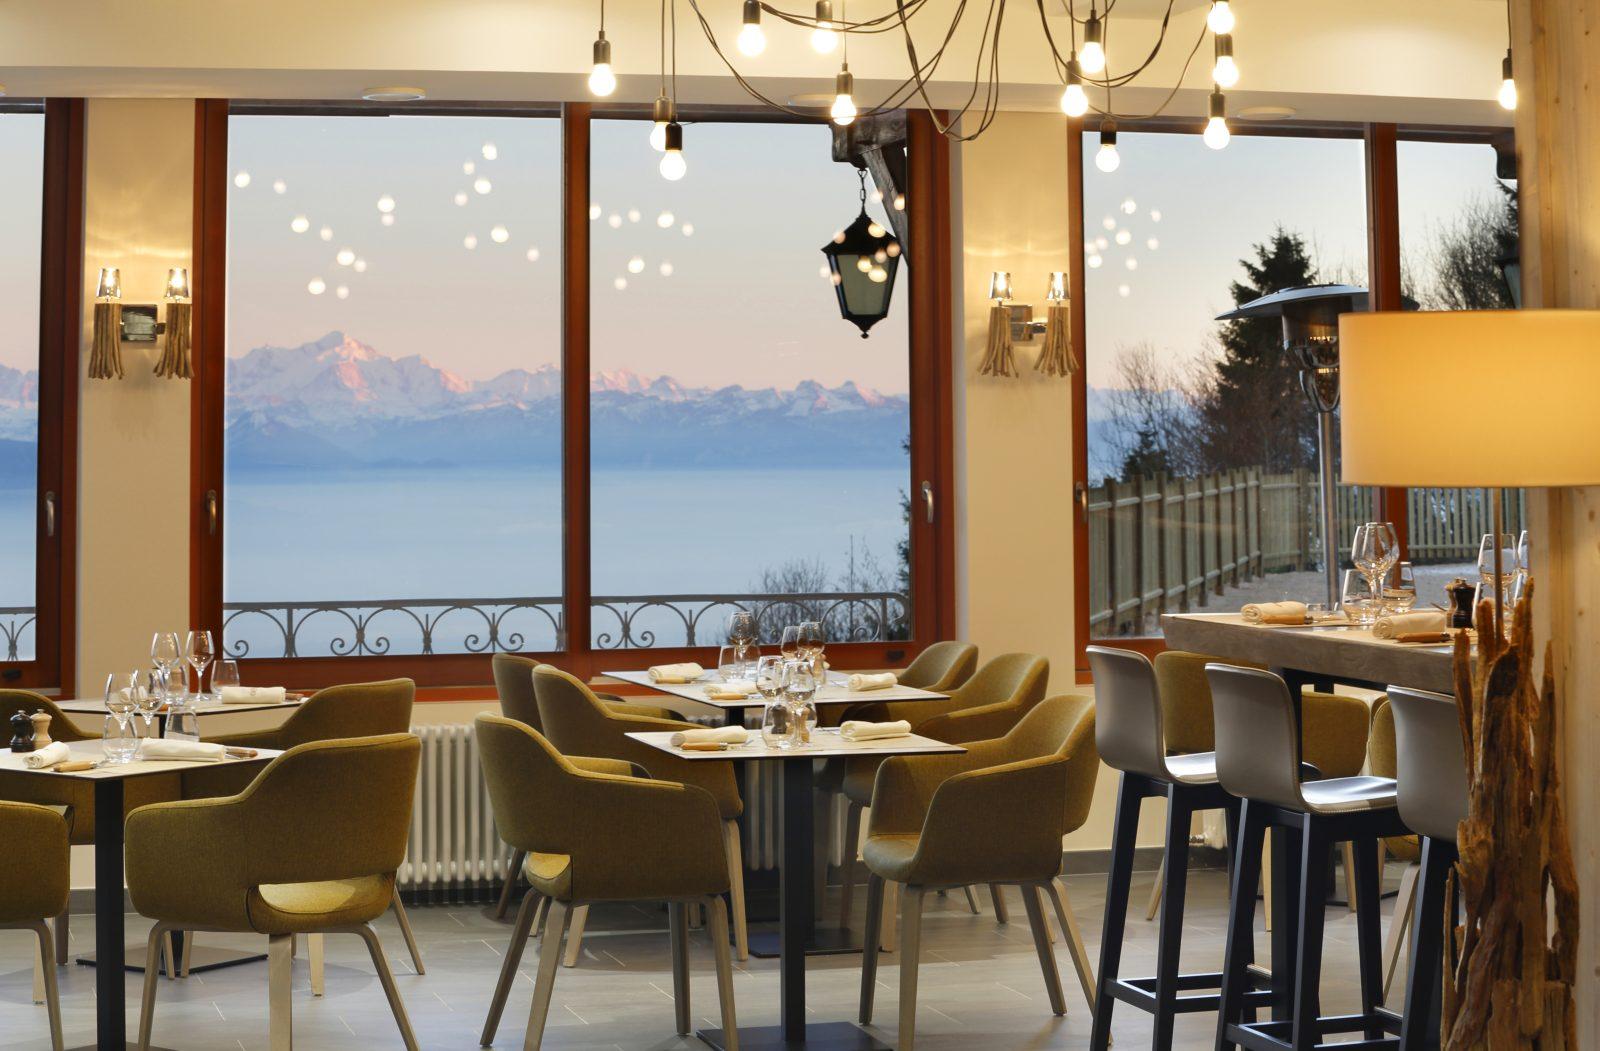 Salle de restaurant La Table de la Mainaz